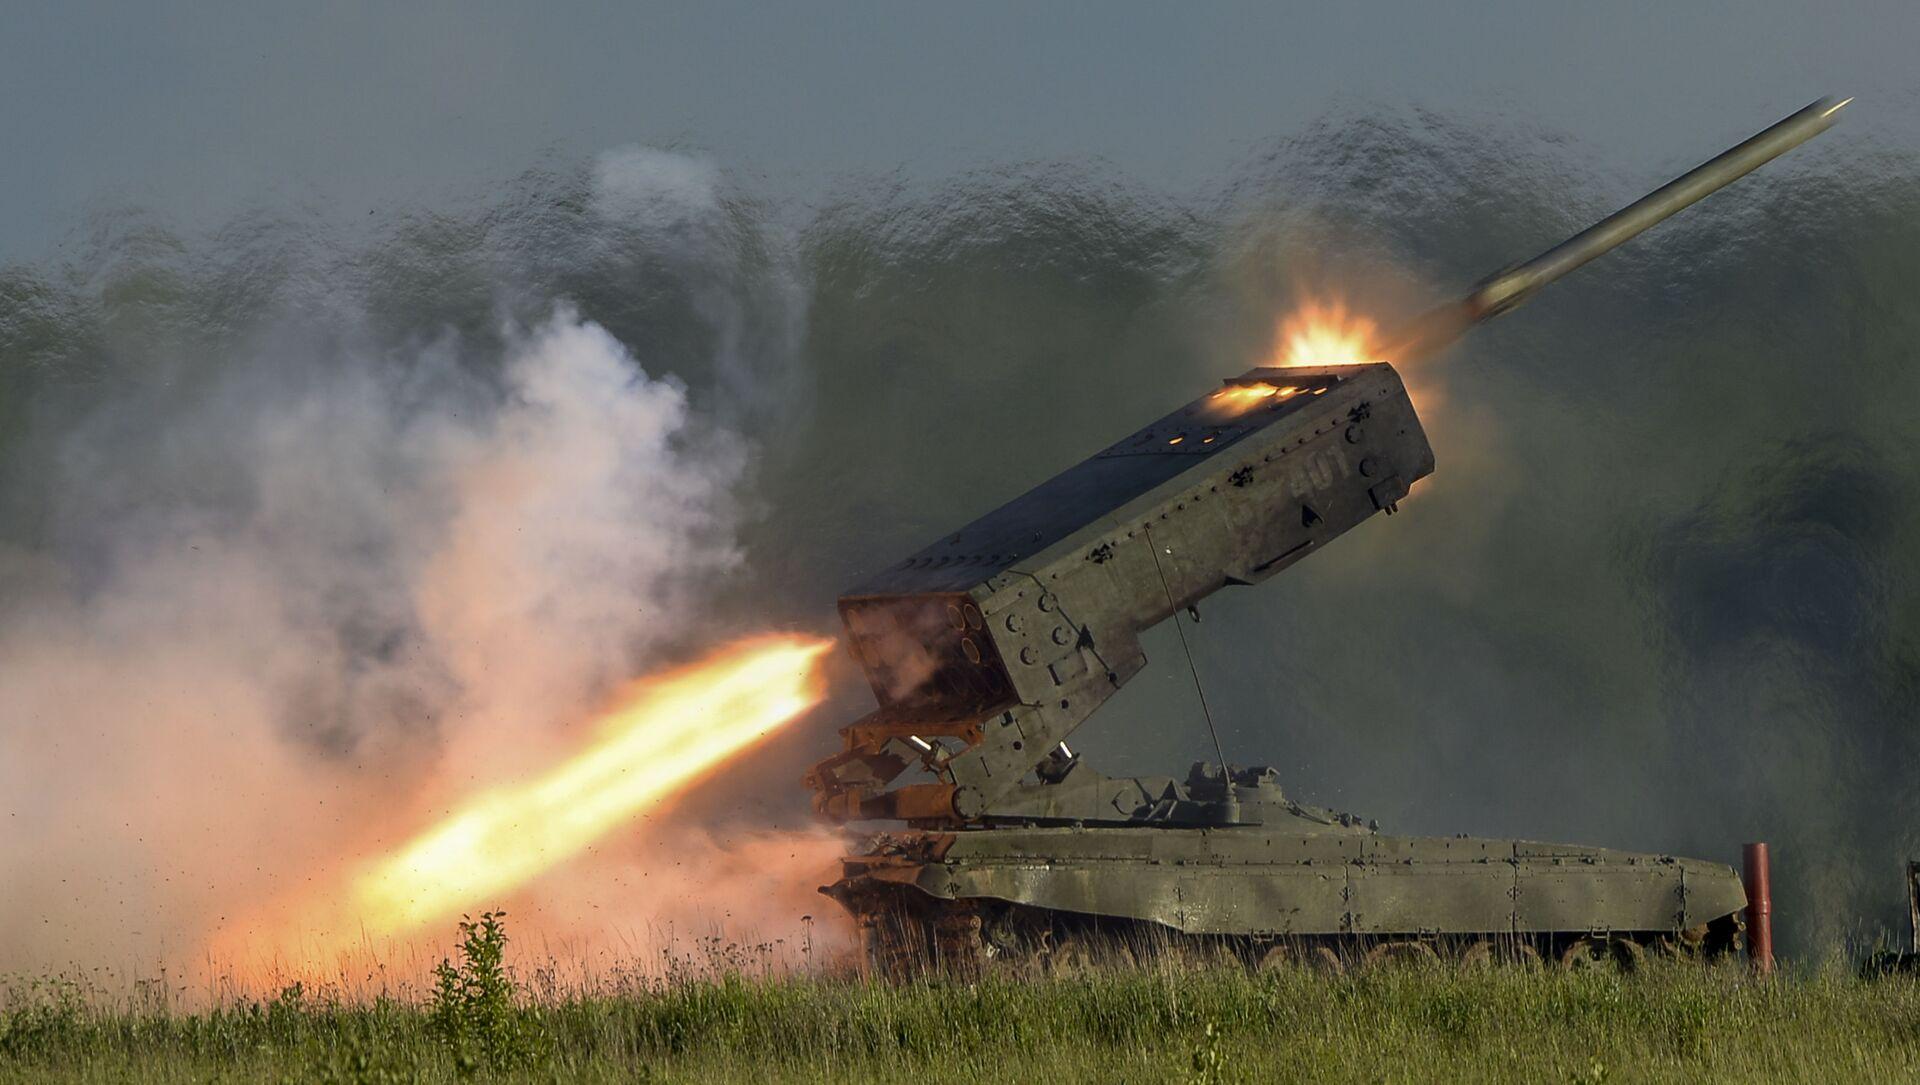 Phóng hệ thống tên lửa phản lực hàng loạt hạng nặng nhiều nòng TOS-1A Solntsepek    - Sputnik Việt Nam, 1920, 02.10.2021